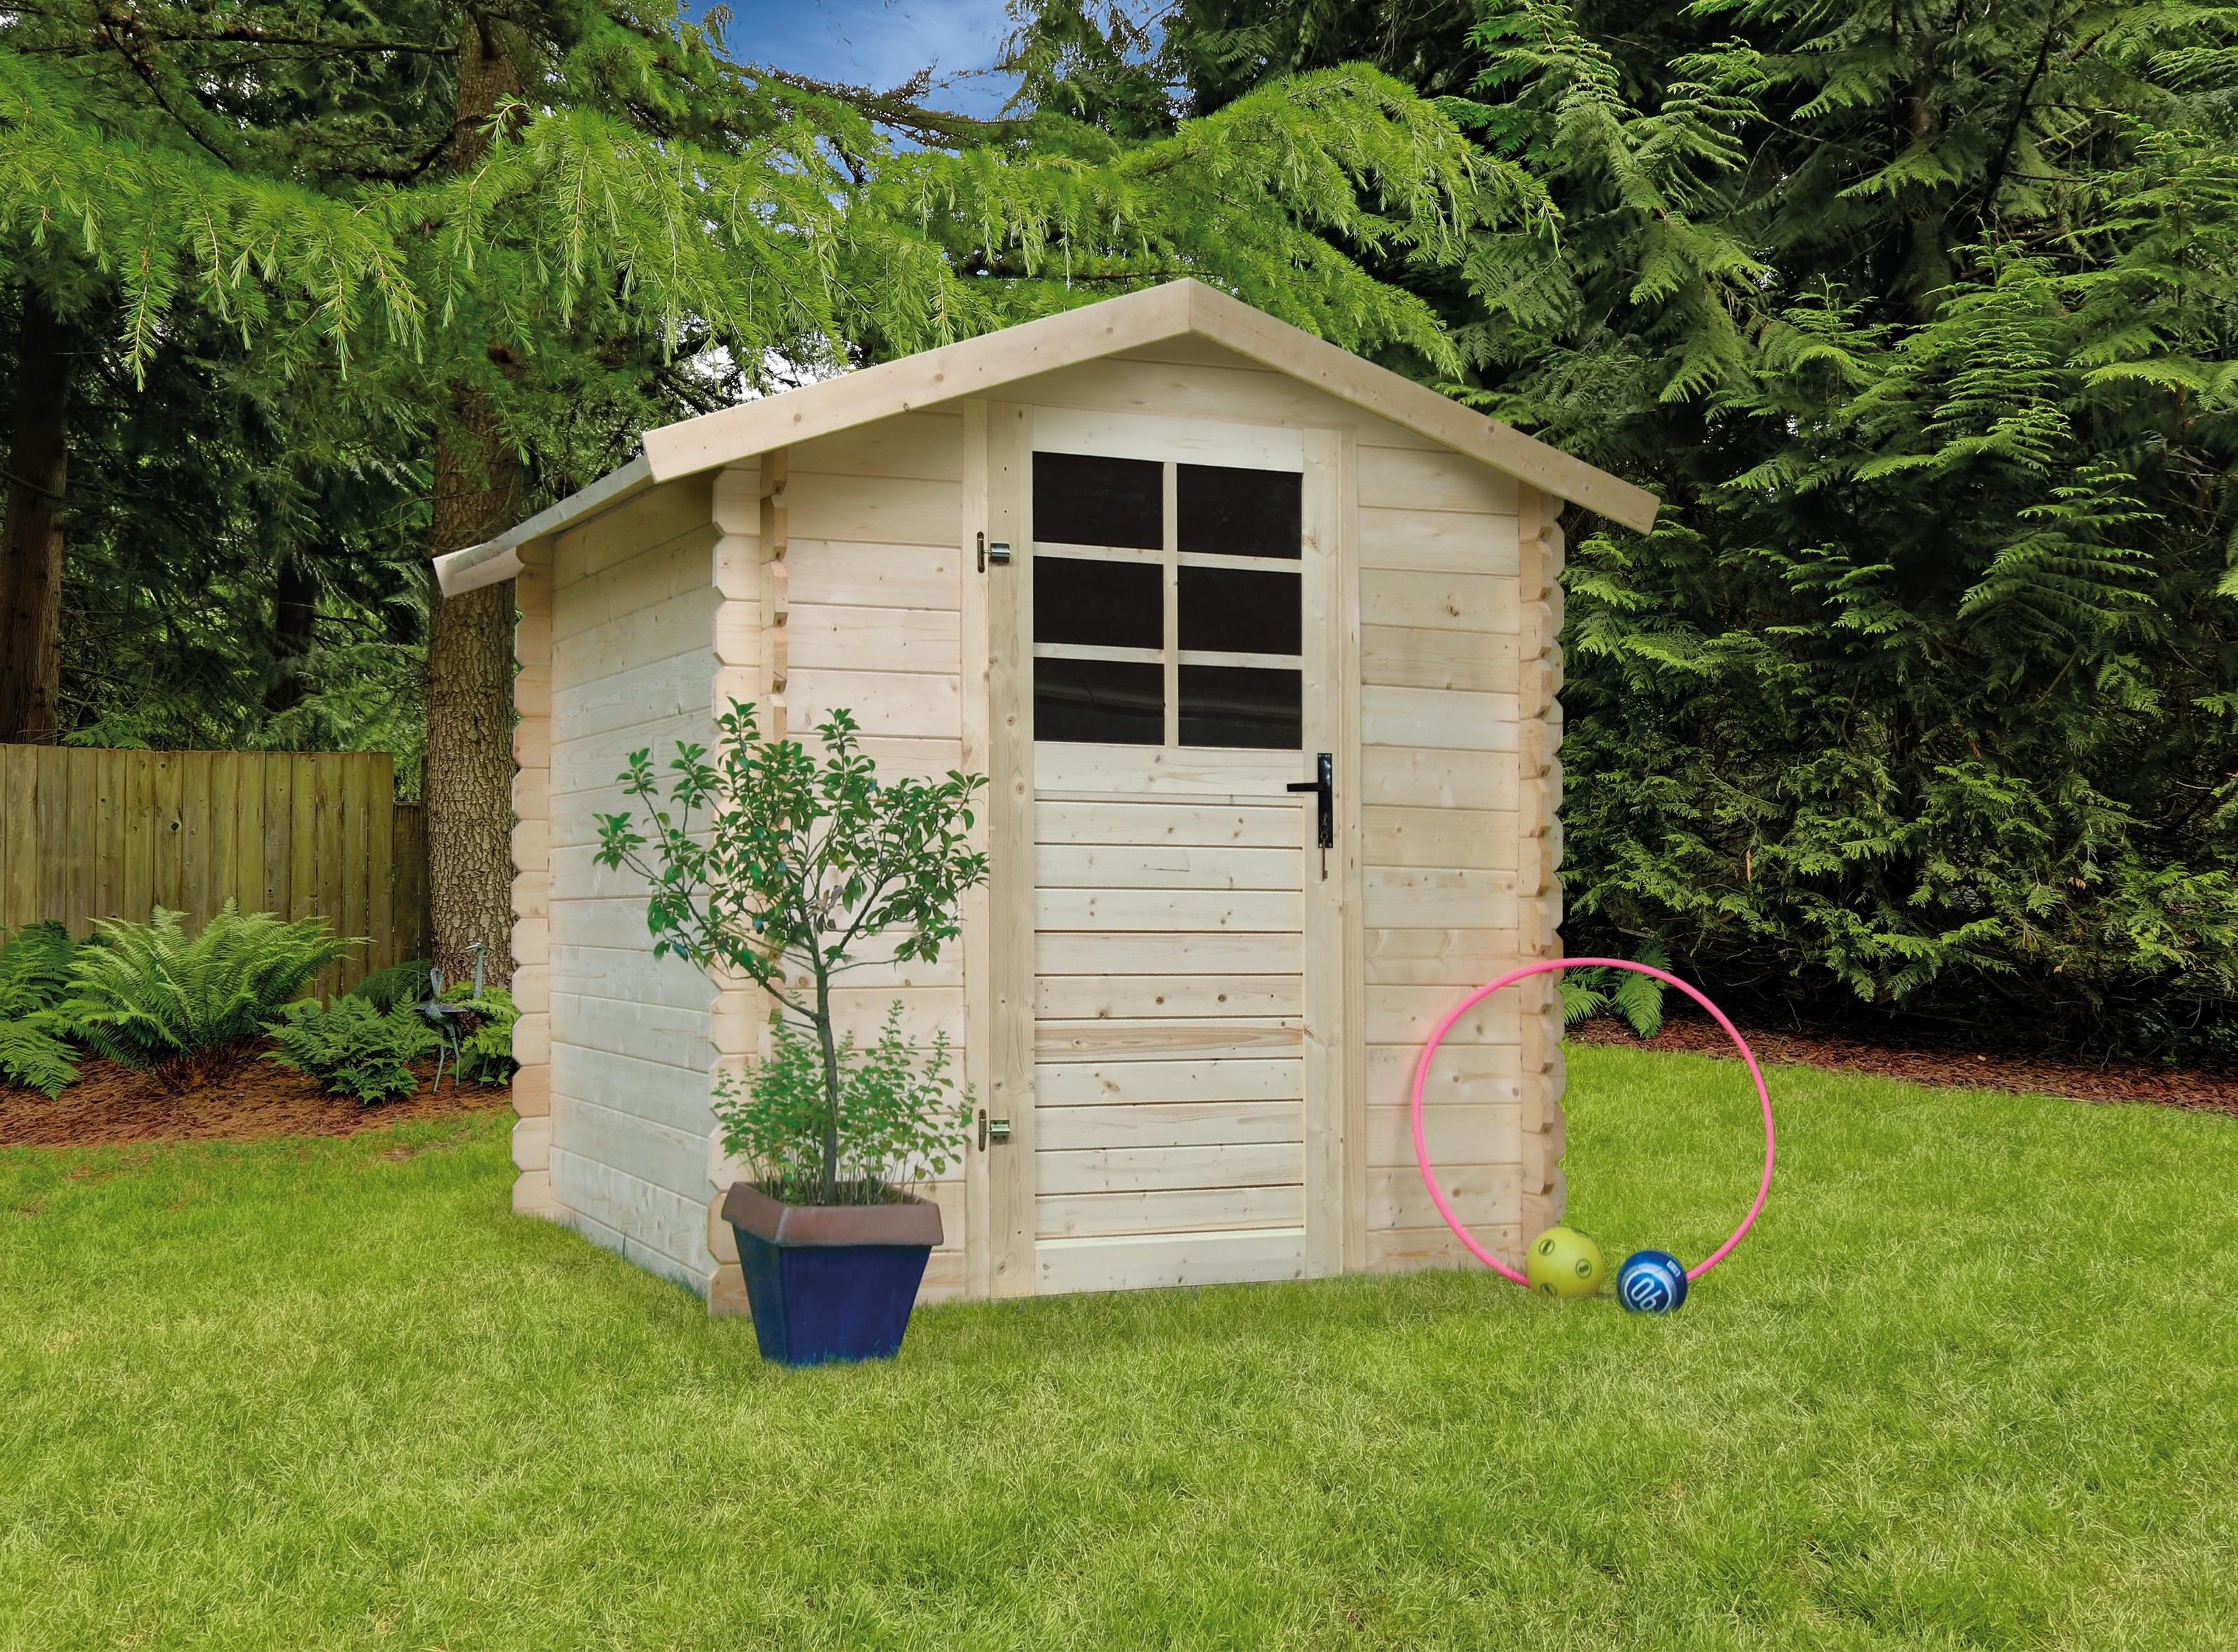 abris de jardin mr bricolage cholet meilleures id es pour la conception et l 39 ameublement du. Black Bedroom Furniture Sets. Home Design Ideas